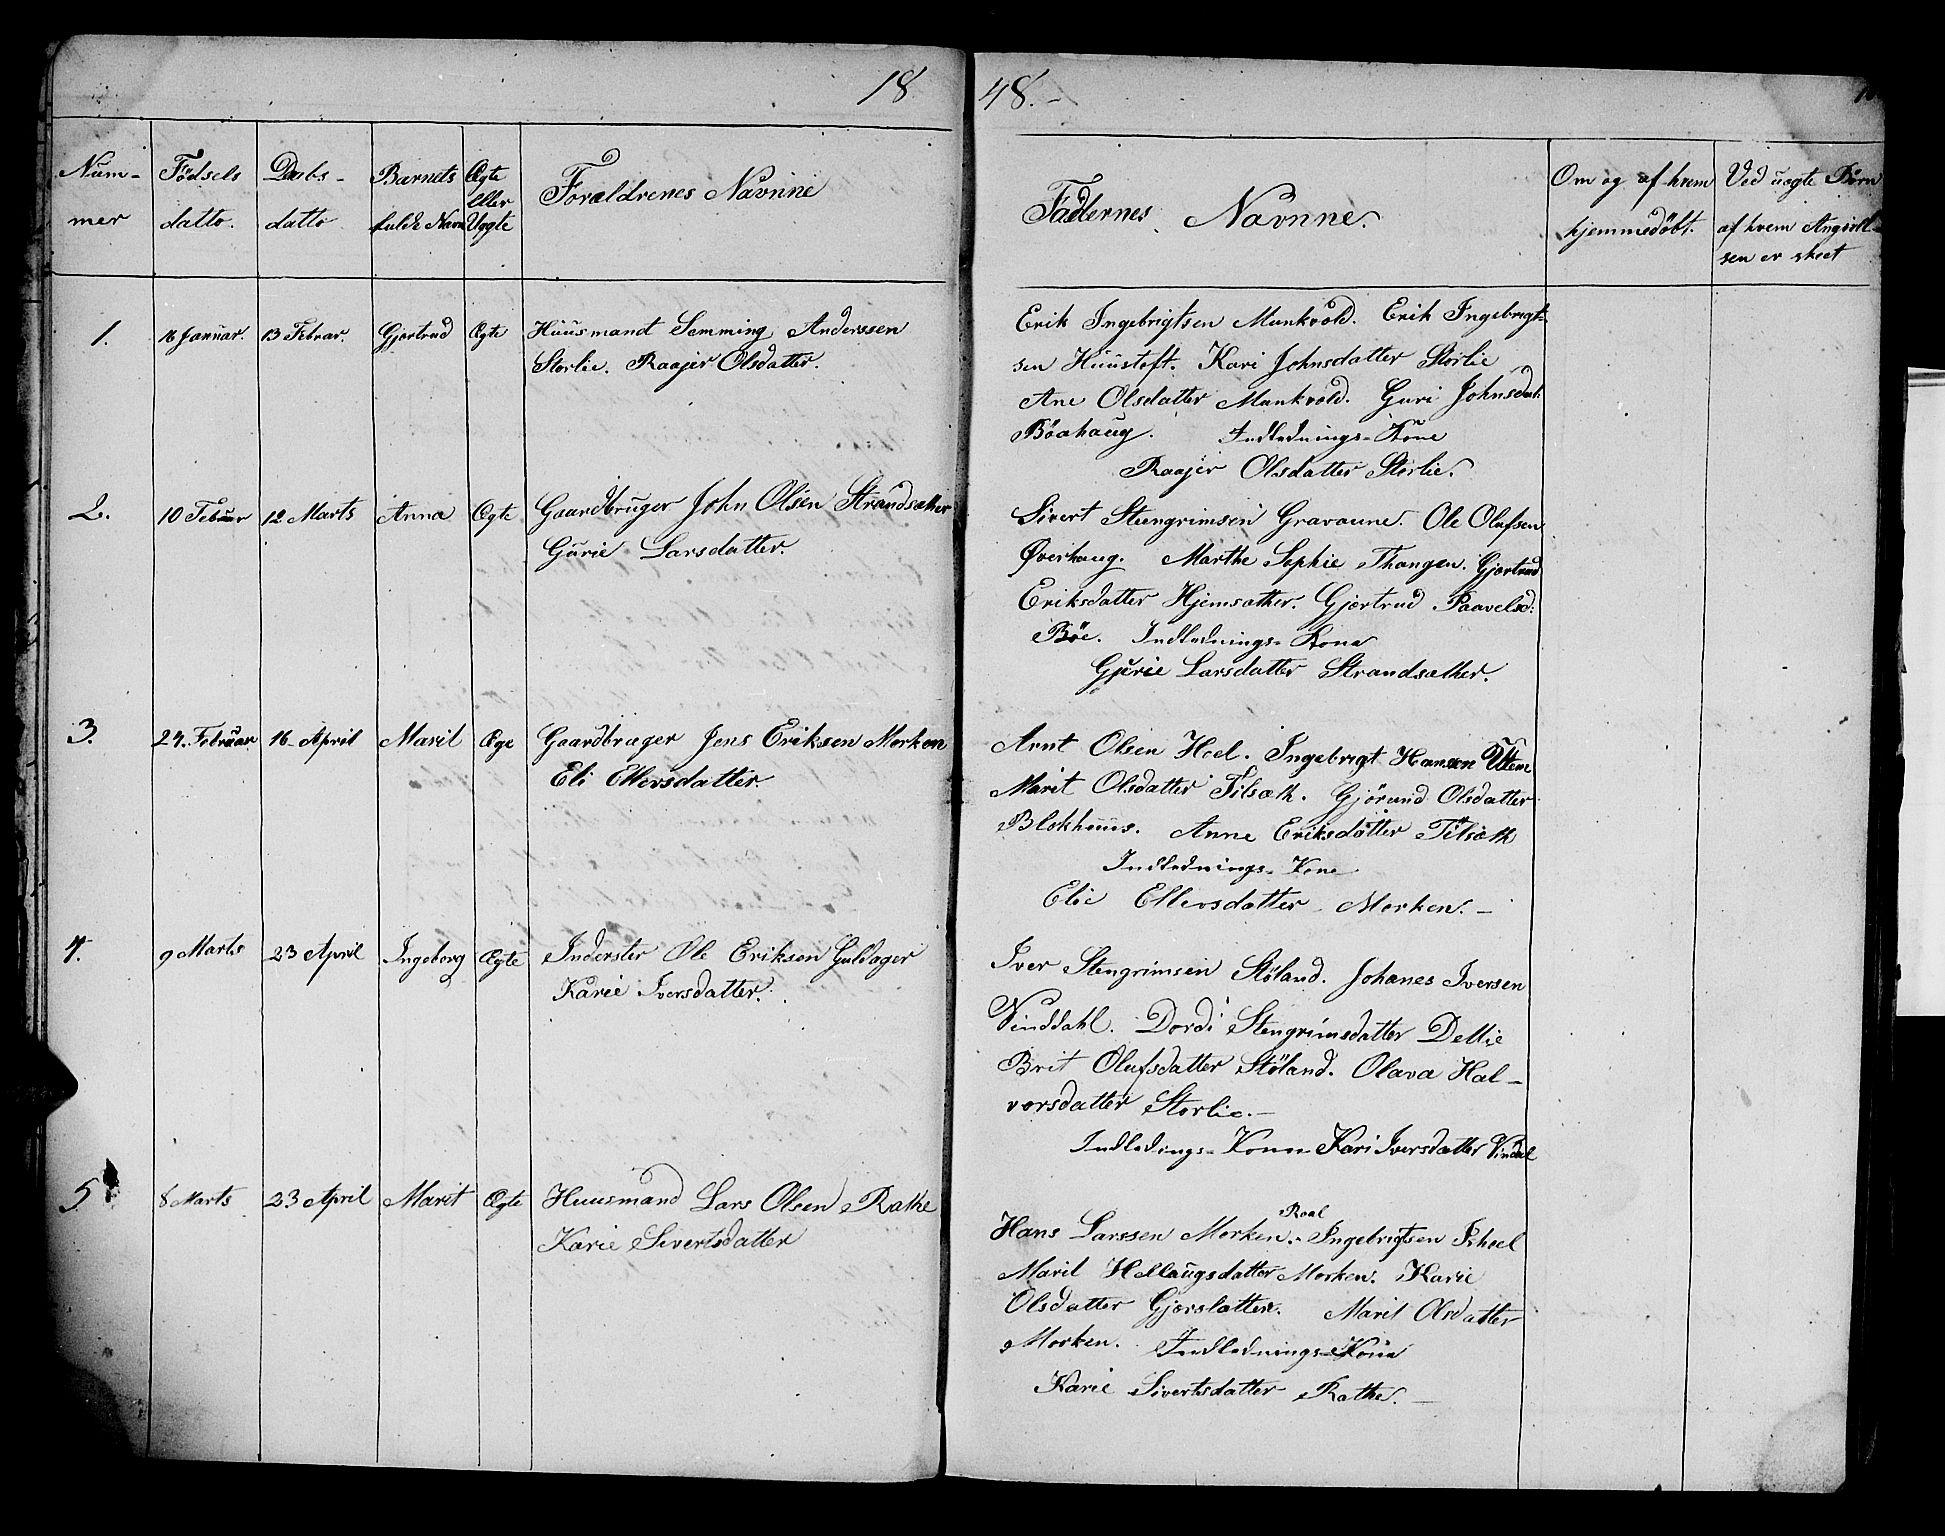 SAT, Ministerialprotokoller, klokkerbøker og fødselsregistre - Sør-Trøndelag, 679/L0922: Klokkerbok nr. 679C02, 1845-1851, s. 10